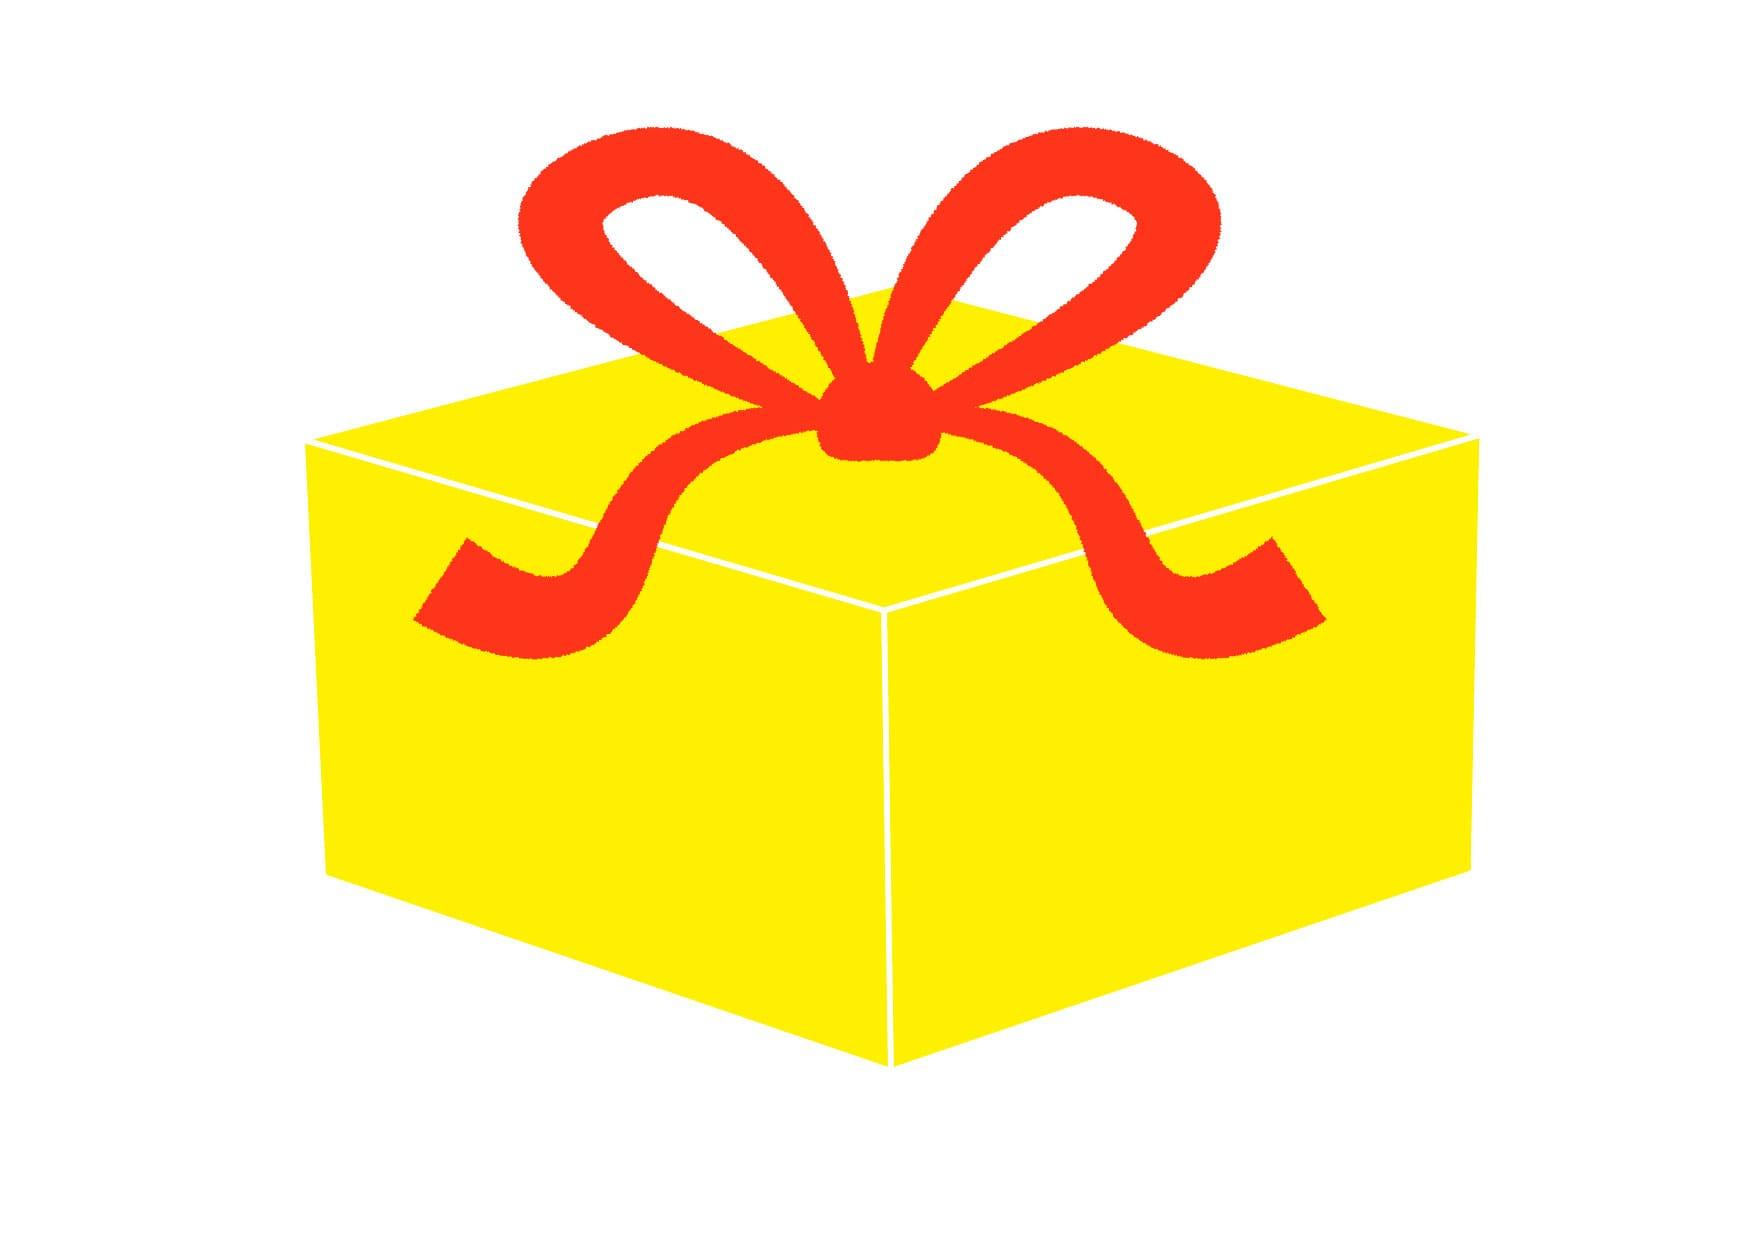 プレゼント 黄色 イラスト 無料